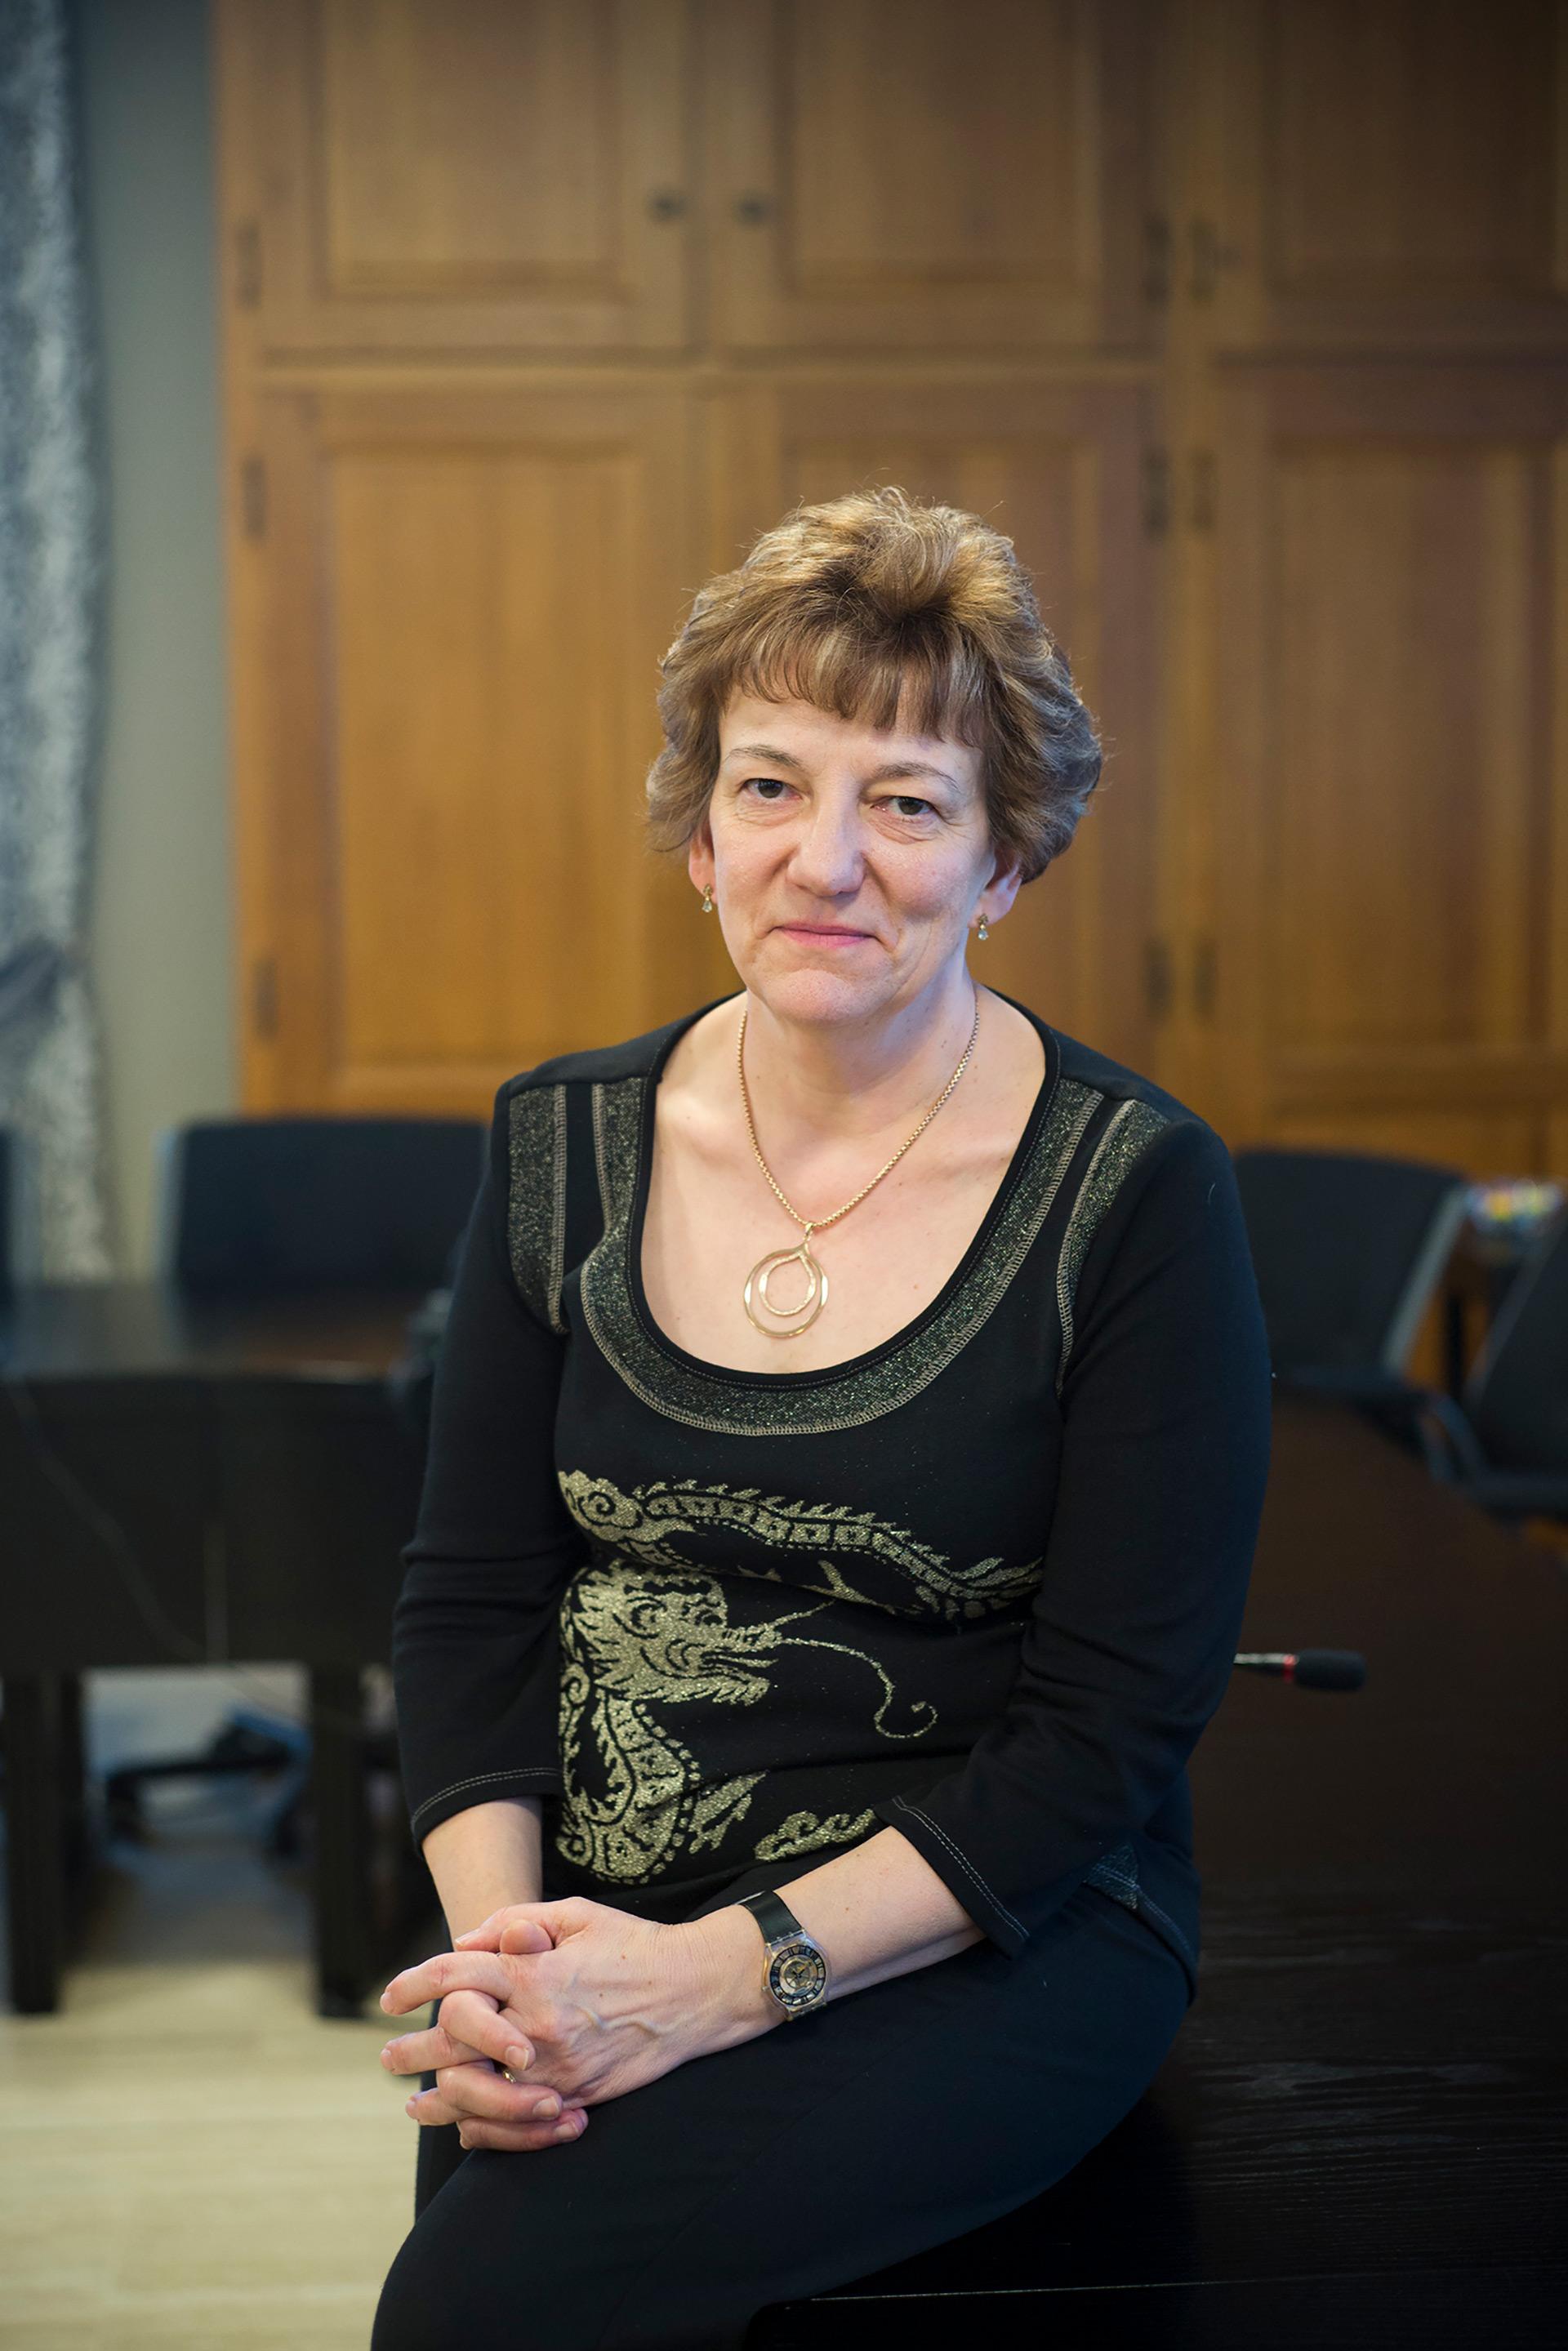 Lucie Kocevar, secrétaire générale de la section PS de Fameck. Moselle, 22 janvier 2017